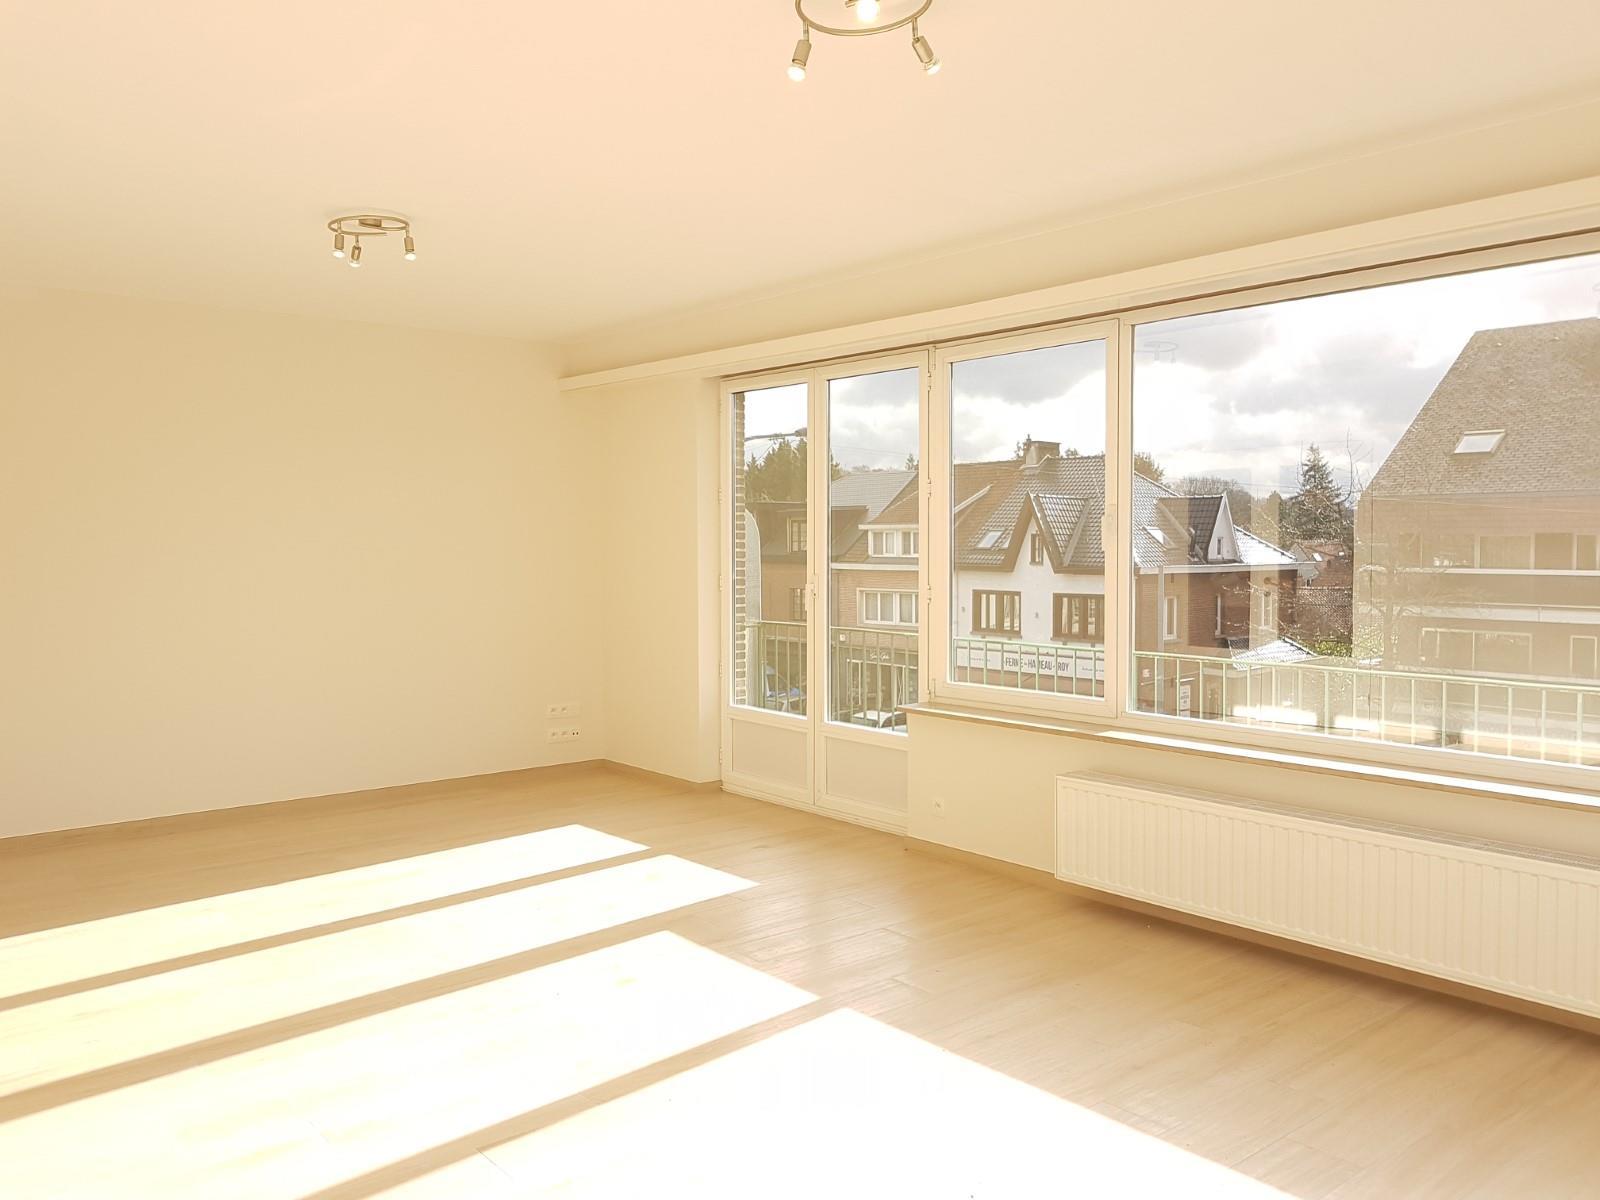 Appartement exceptionnel - Rhode-Saint-Genèse - #3704483-13